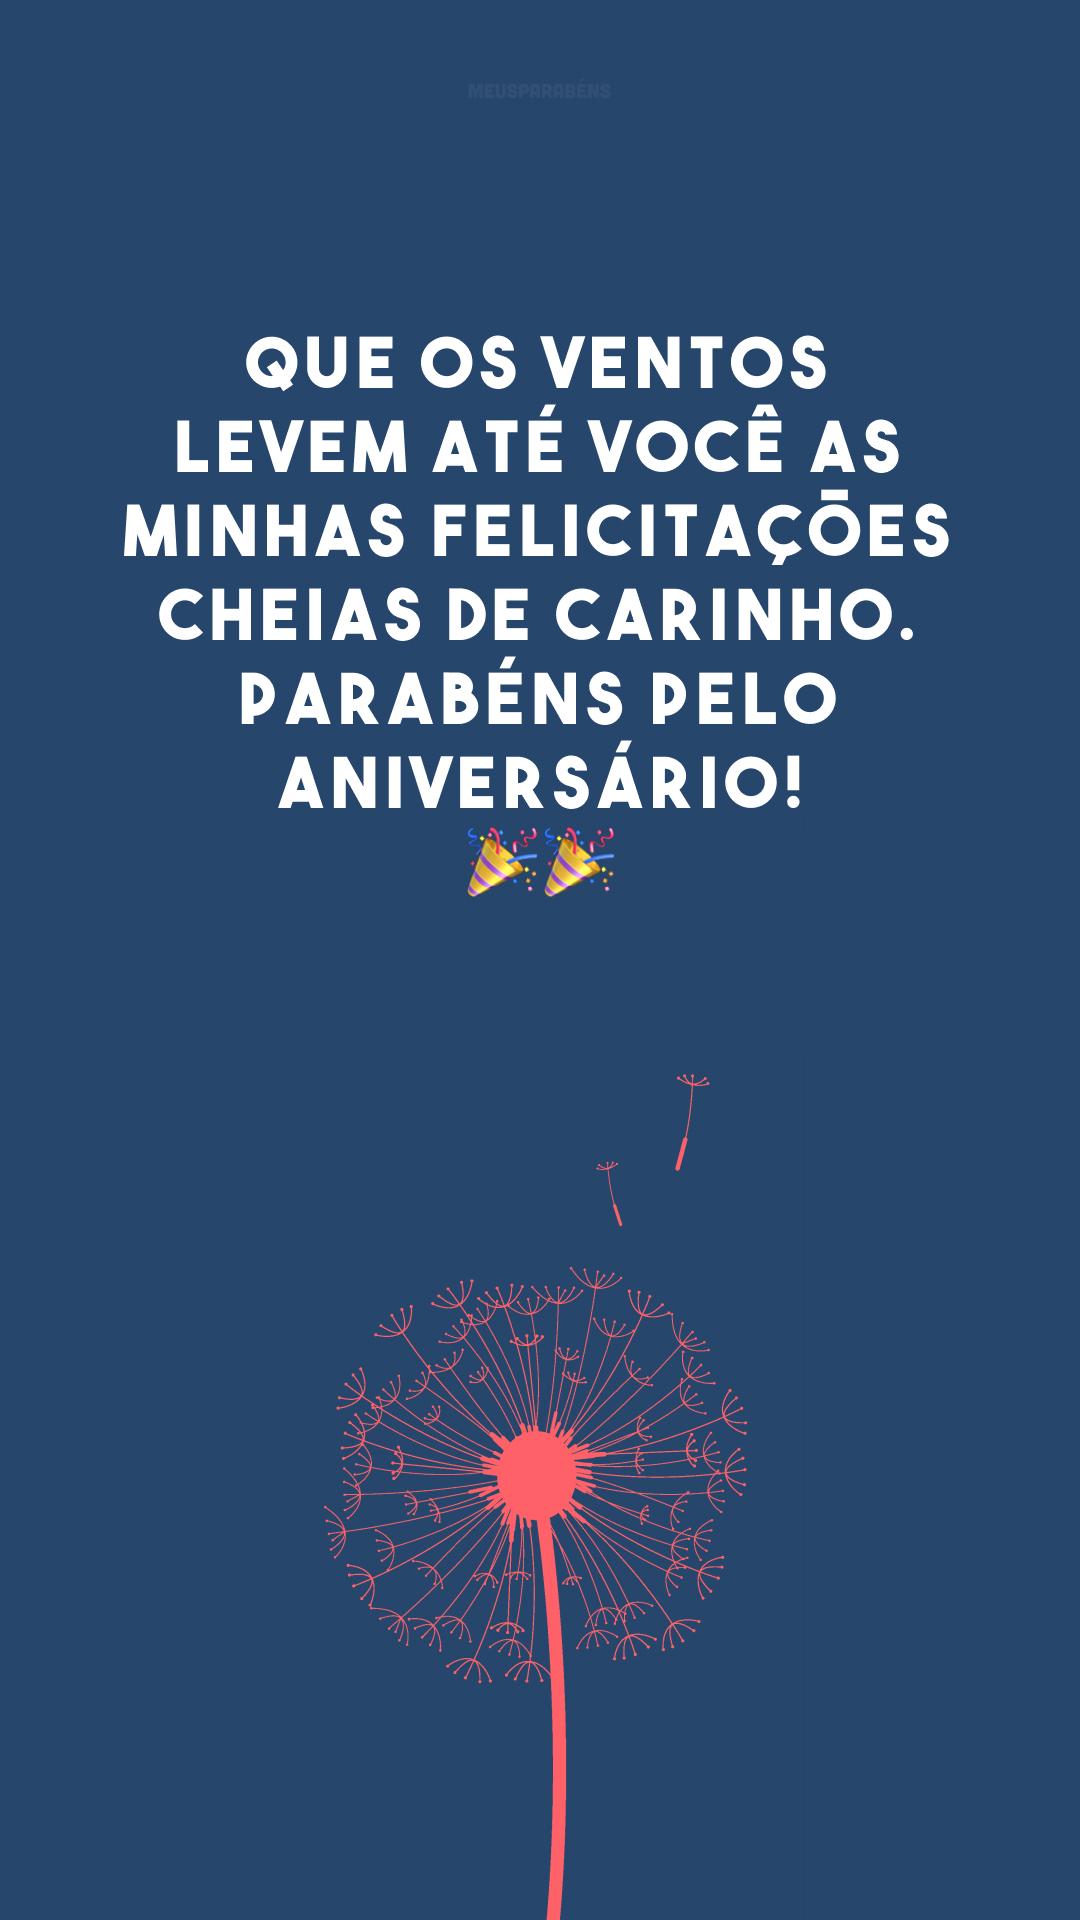 Que os ventos levem até você as minhas felicitações cheias de carinho. Parabéns pelo aniversário! 🎉 🎉